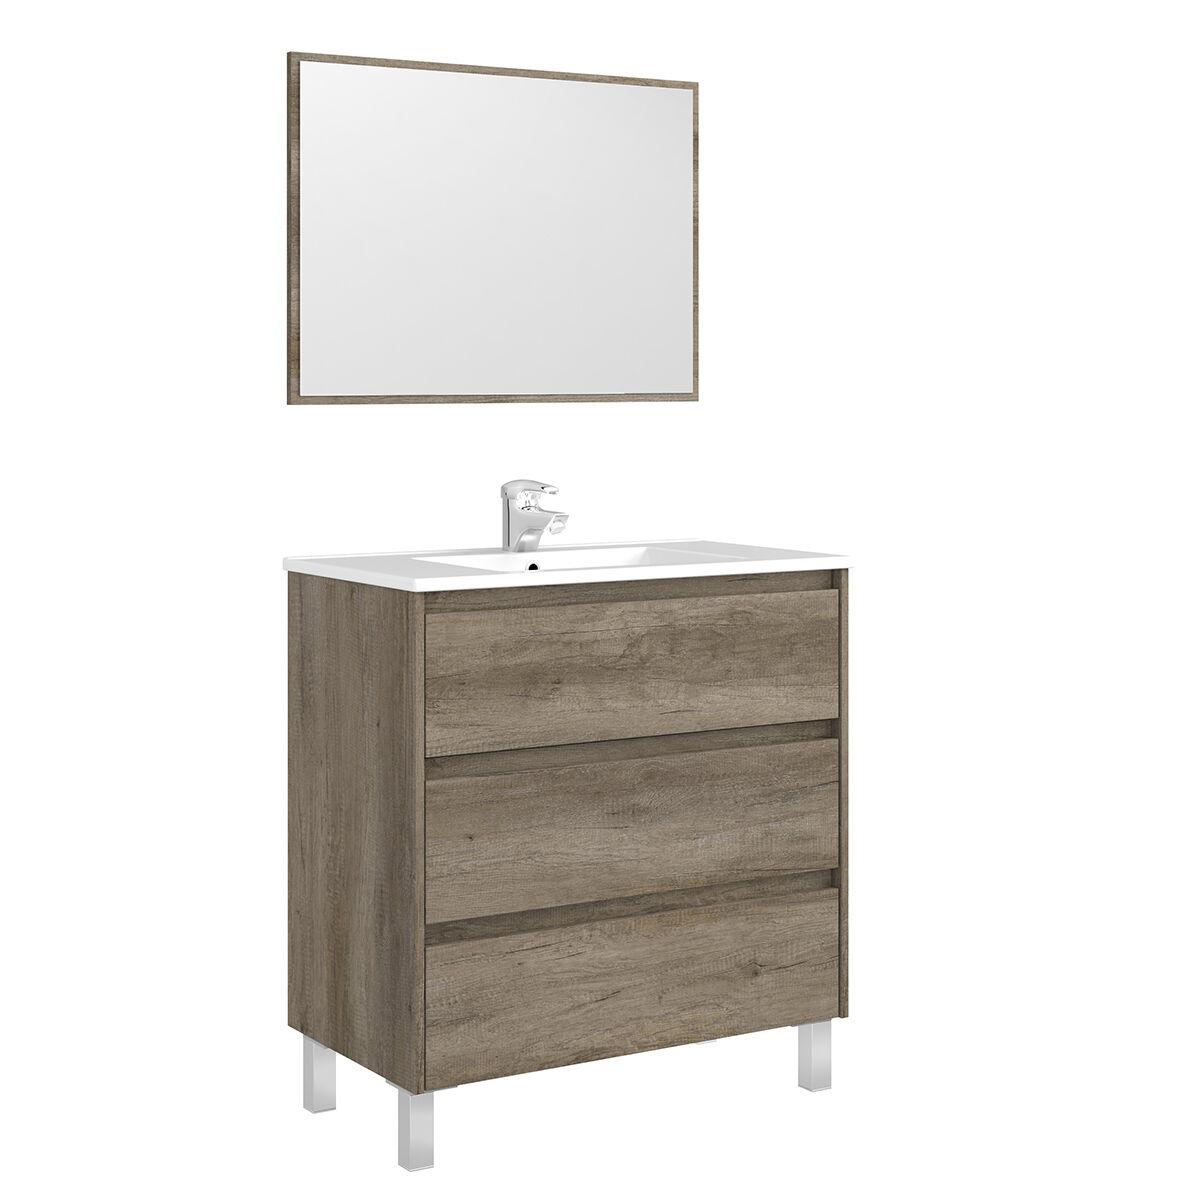 """CeramicStore Mobile bagno """"Dakota"""" a 3 cassetti in materiale melaminico completo di lavabo in ceramica bianca e specchio con cornice dello stesso colore del mobile. Colore legno Nordik"""